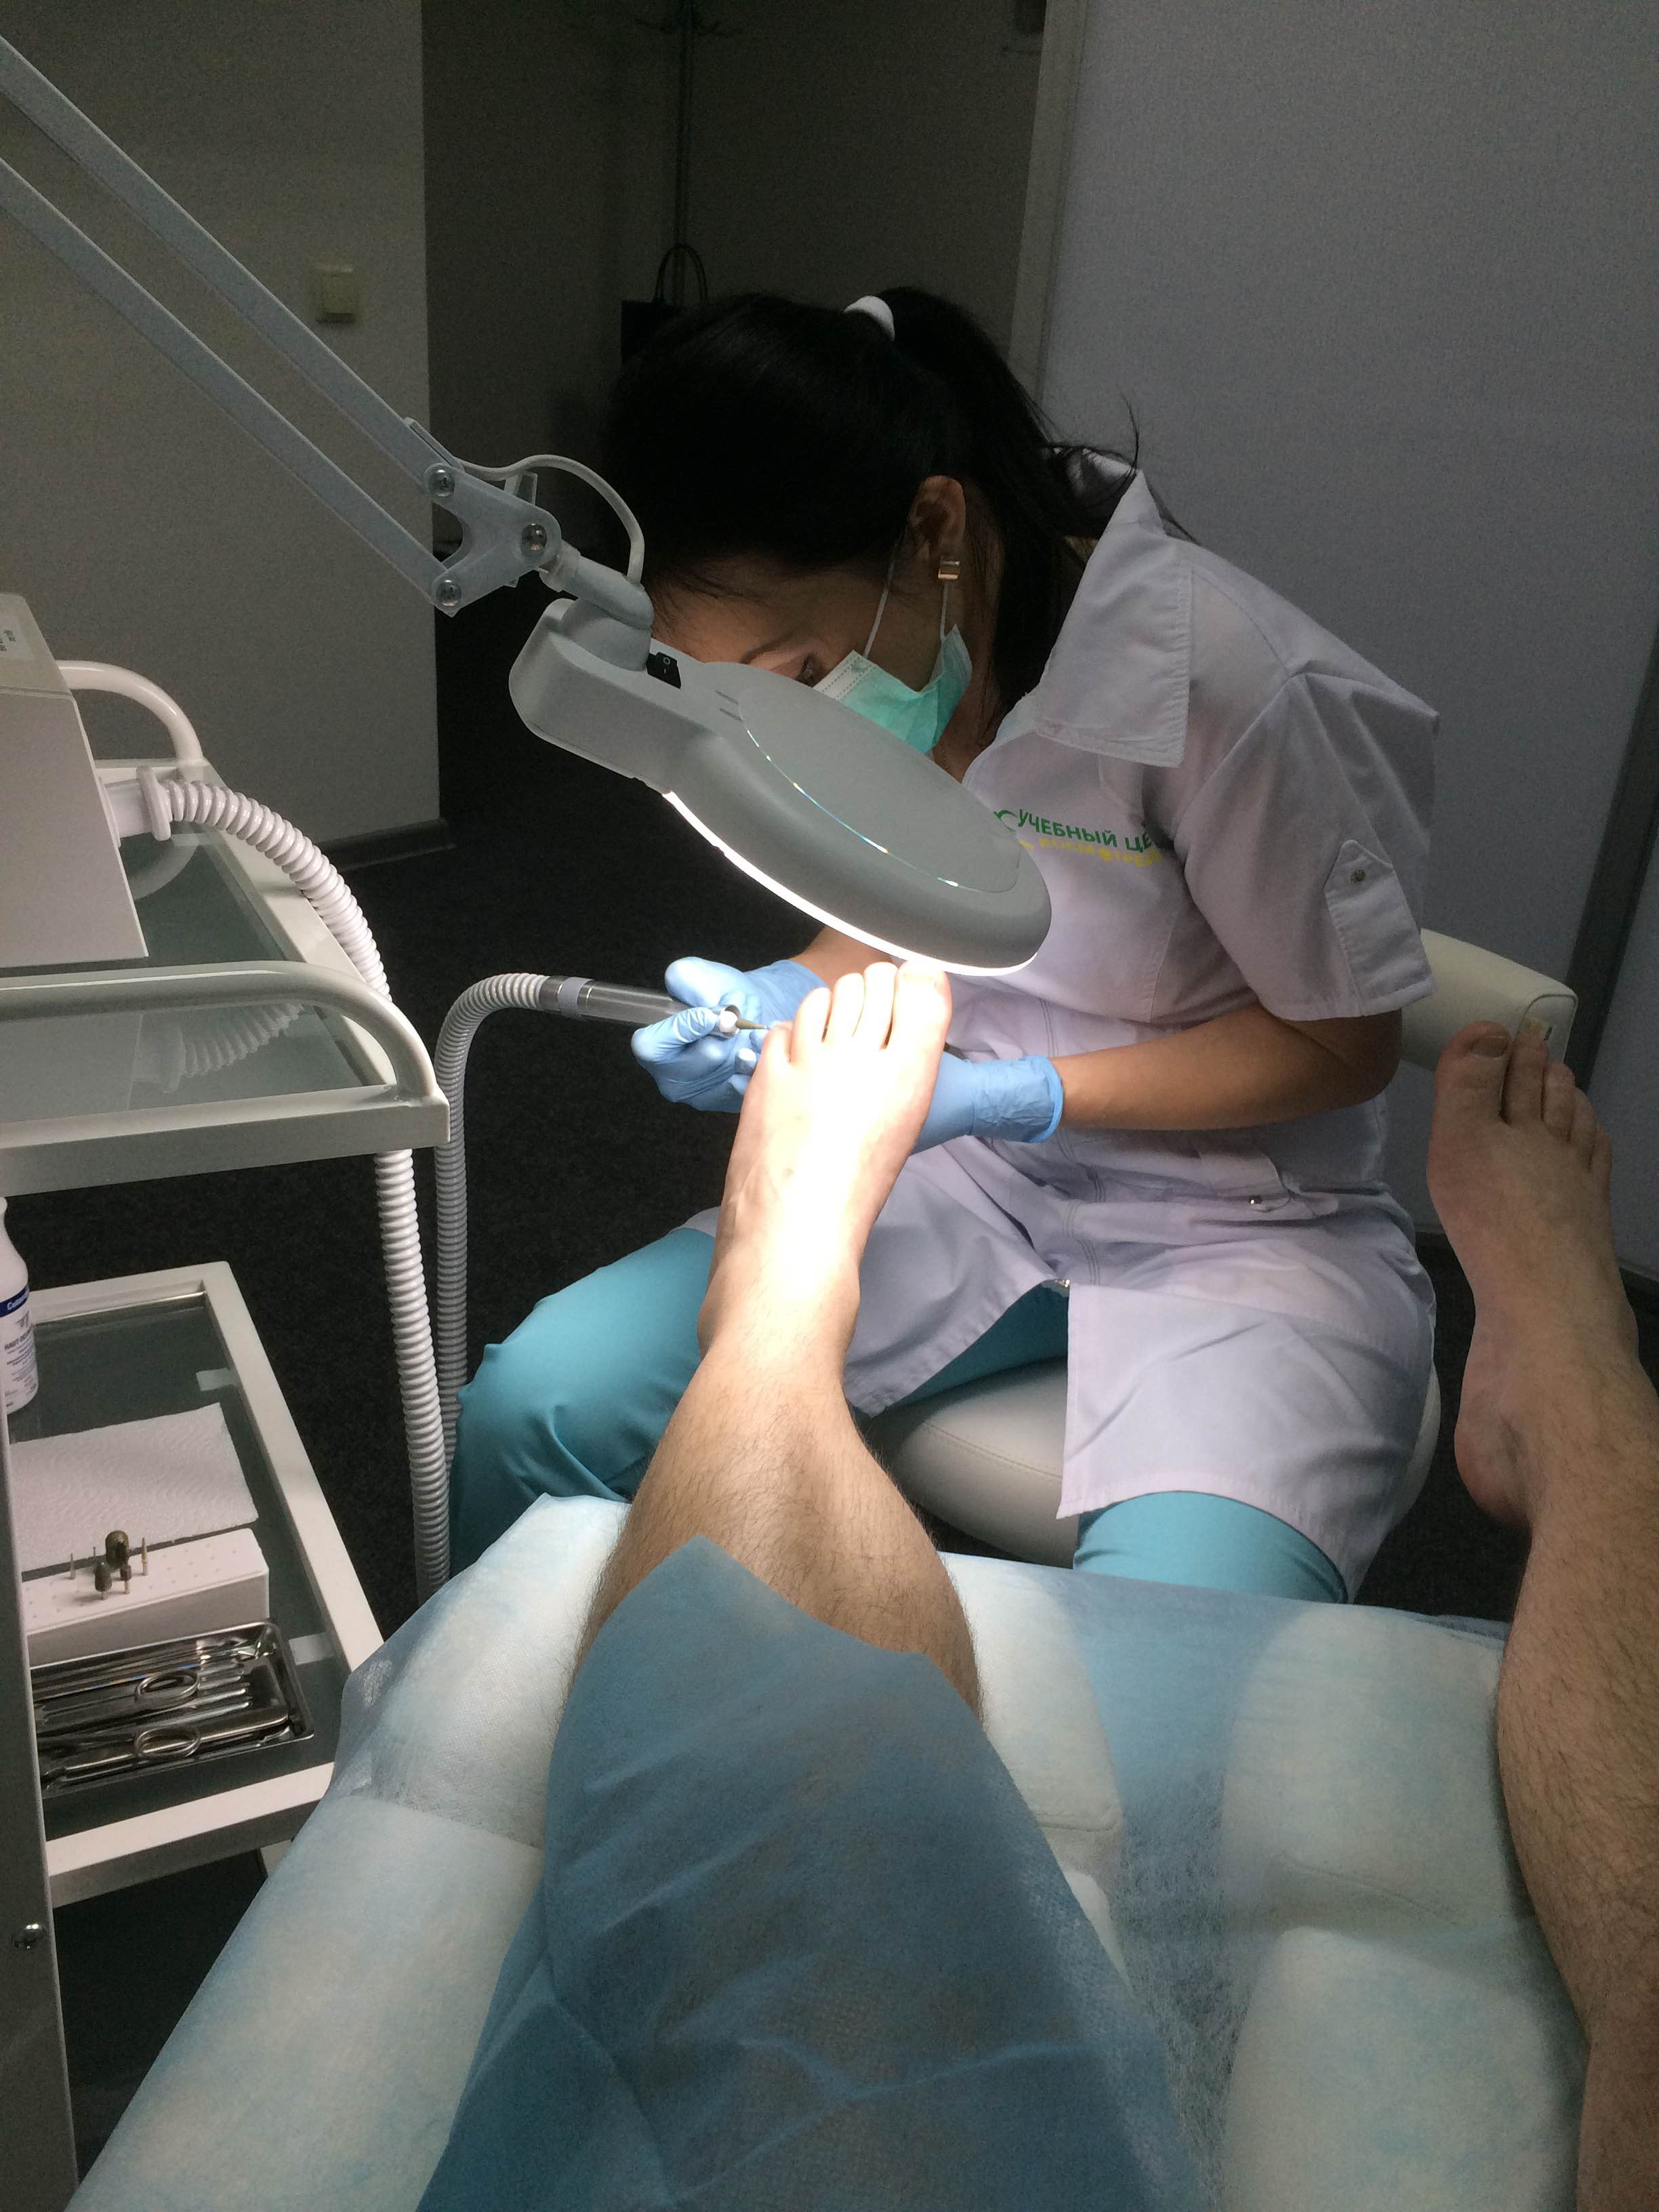 fba5d9d1084af0 Апаратний педикюр не передбачає замочування ніг, стопу обробляють засобами,  які готують шкіру для обробки спеціальним апаратом.